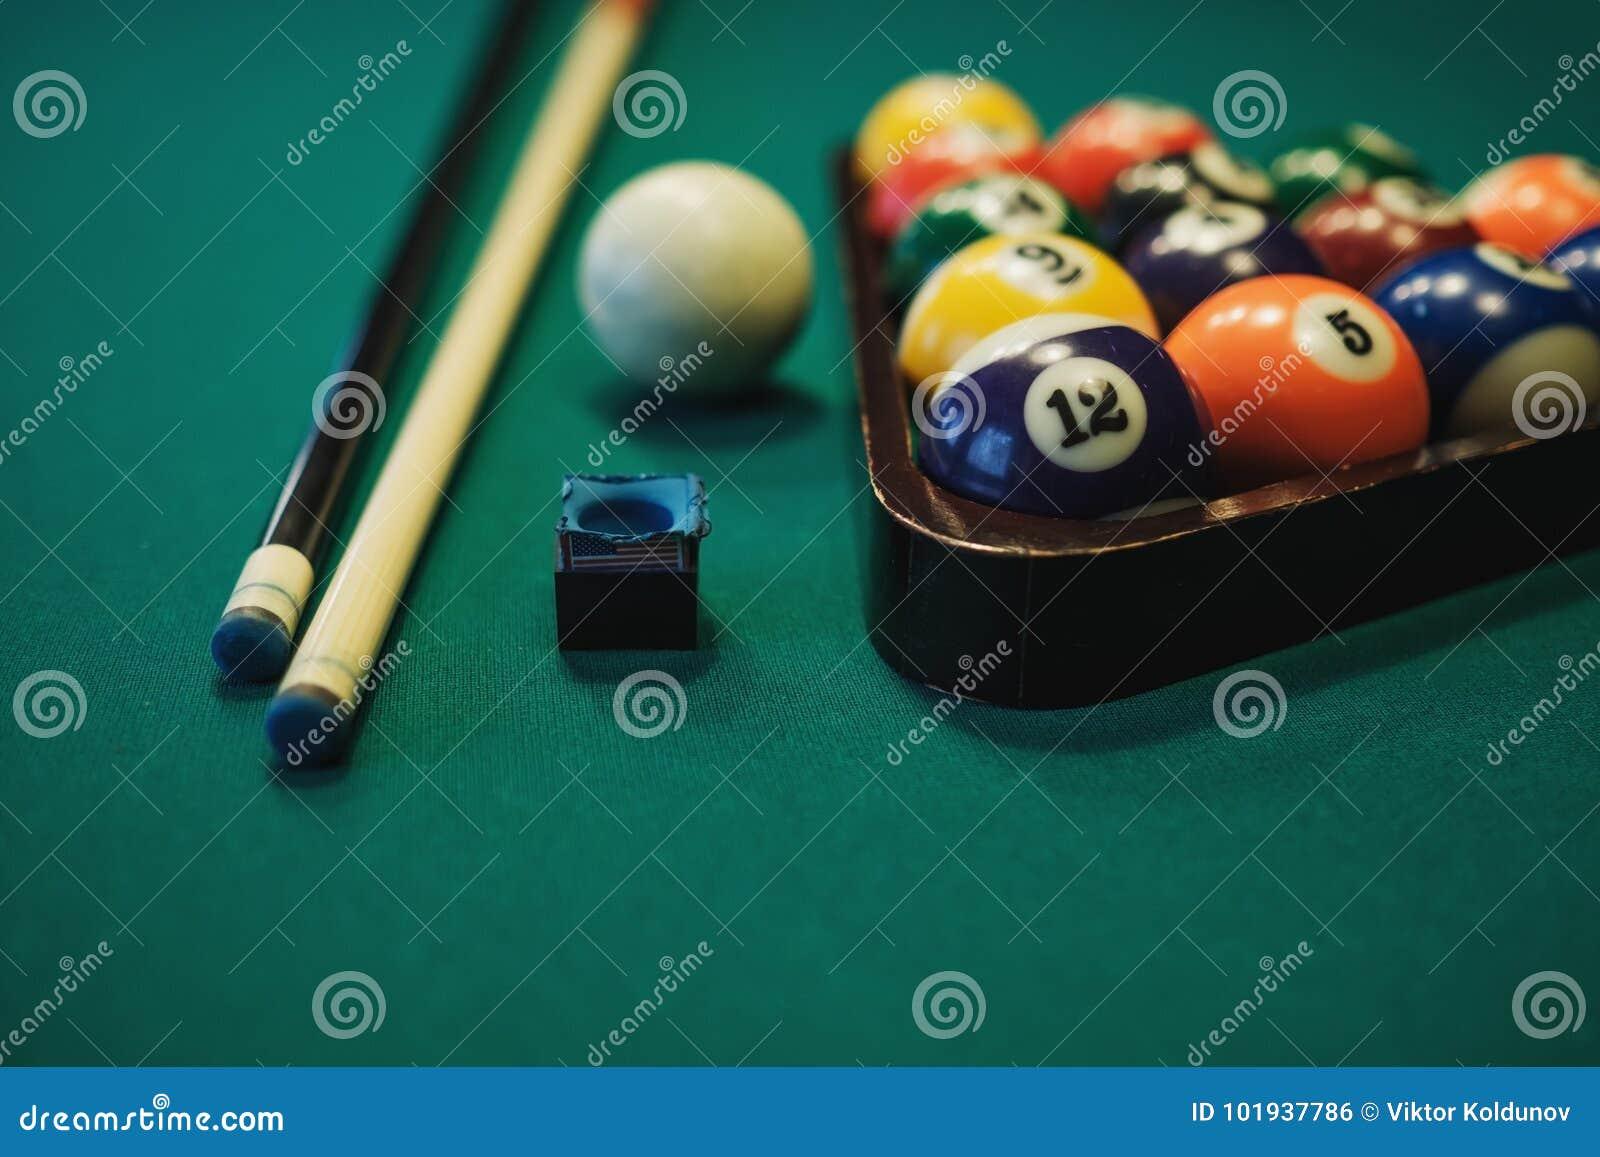 Speel Biljart Biljartballen en richtsnoer op groene biljartlijst Het concept van de biljartsport